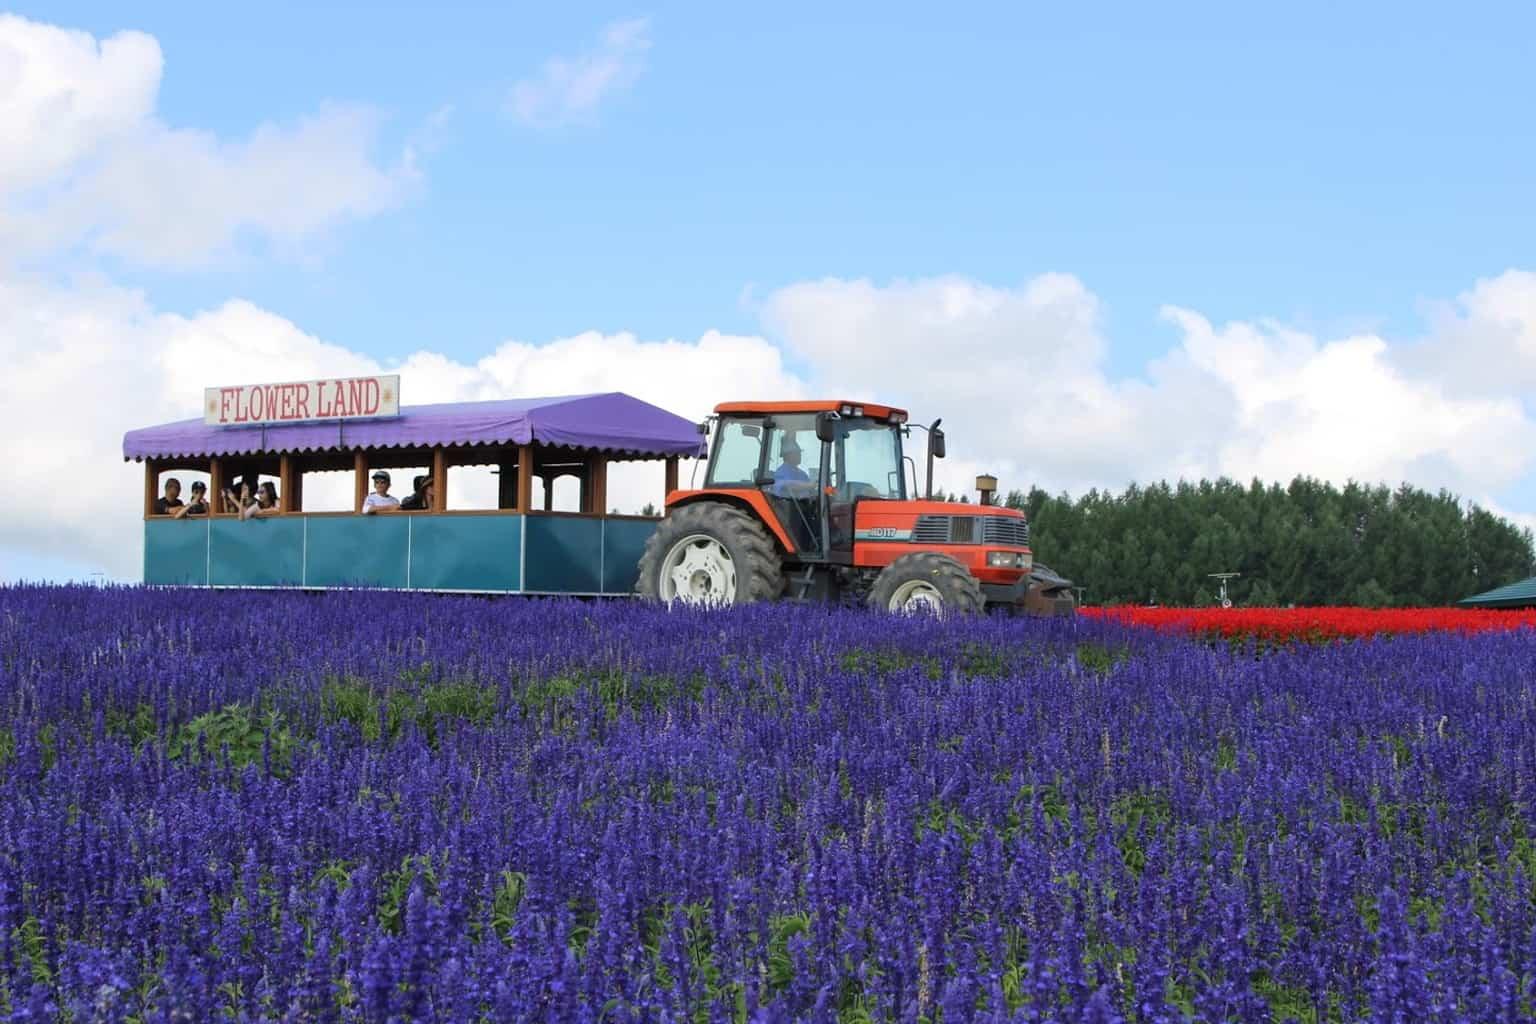 กิจกรรมนั่งรถชม ทุ่งลาเวนเดอร์ และดอกไม้นานาพันธุ์ ที่ Flower Land Kamifurano ฮอกไกโด